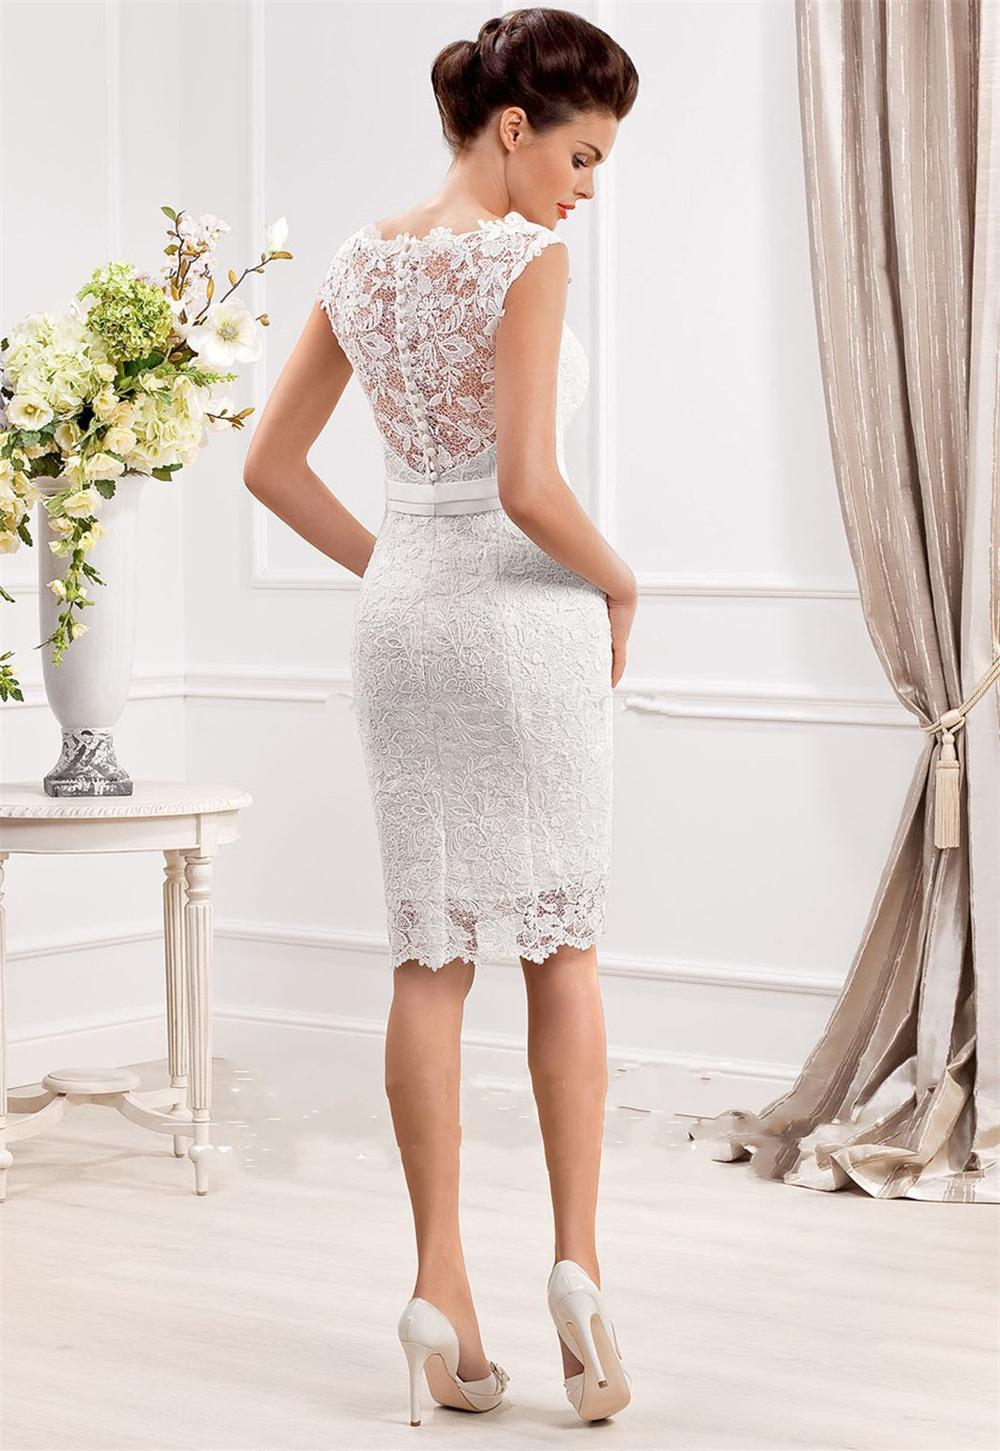 Aliexpress.com Comprar Elegante por encargo de la envoltura transparente  Scoop cuello de encaje sin mangas vestidos novia corto 2015 vestidos de  novia